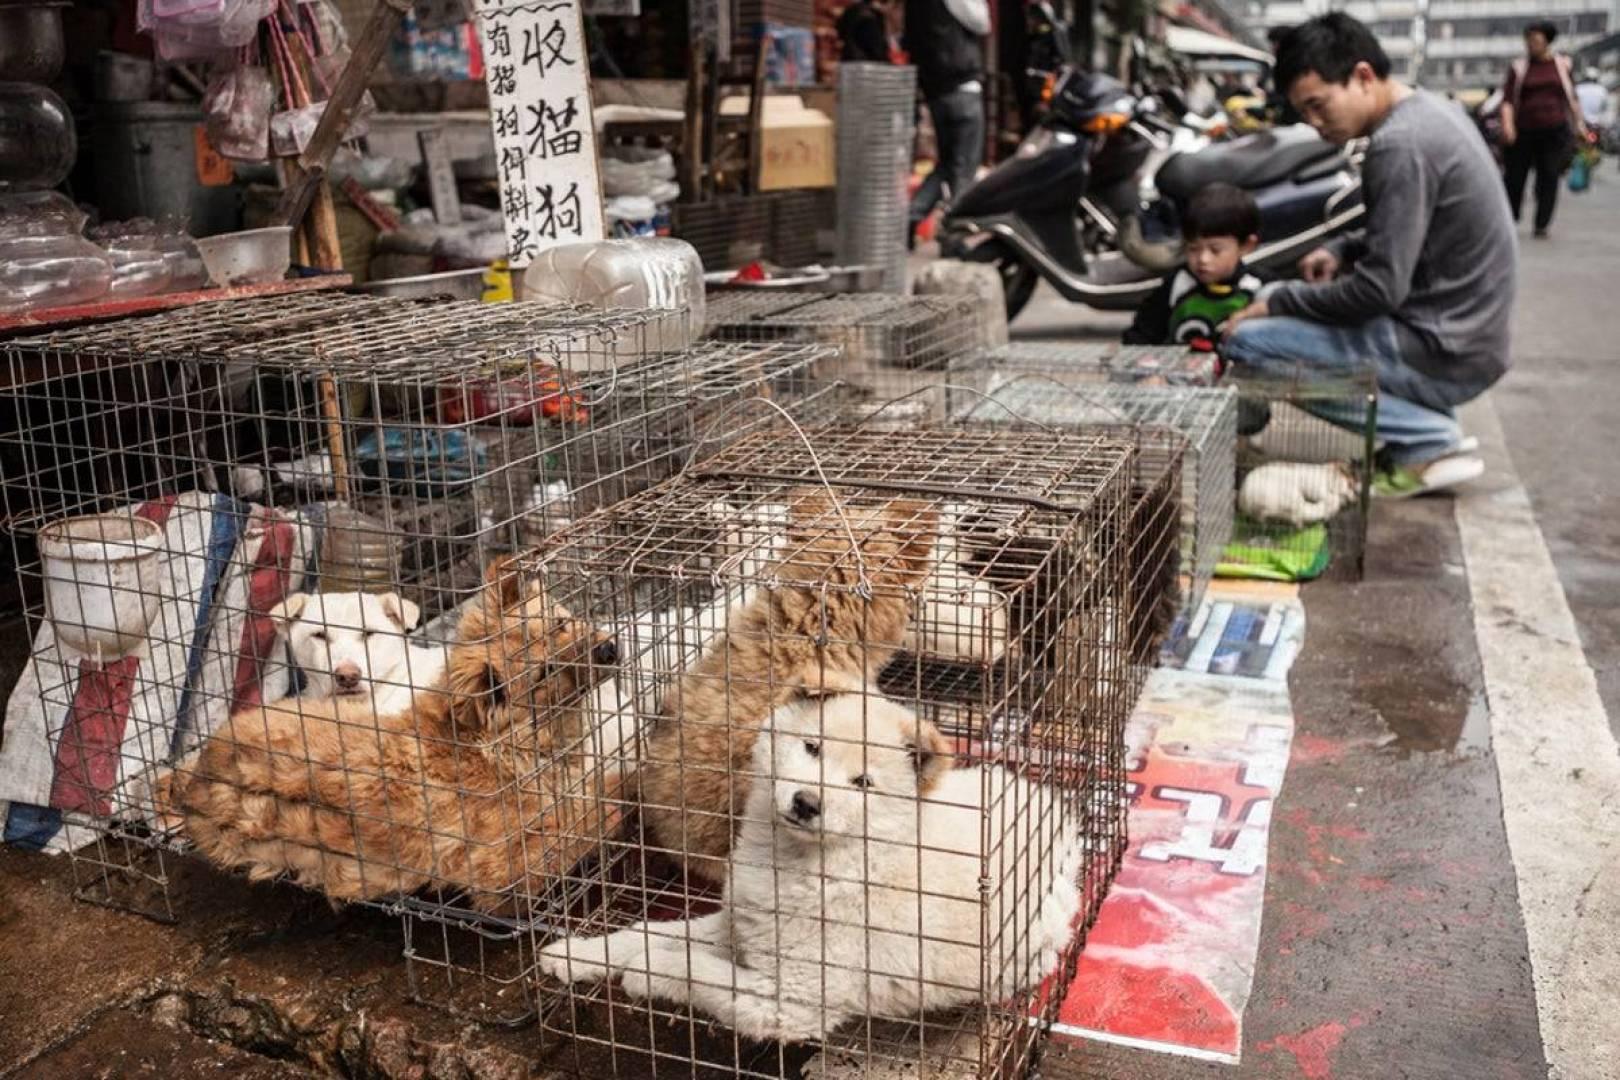 الصين تمنع كلياً تجارة الحيوانات البرية وأكلها